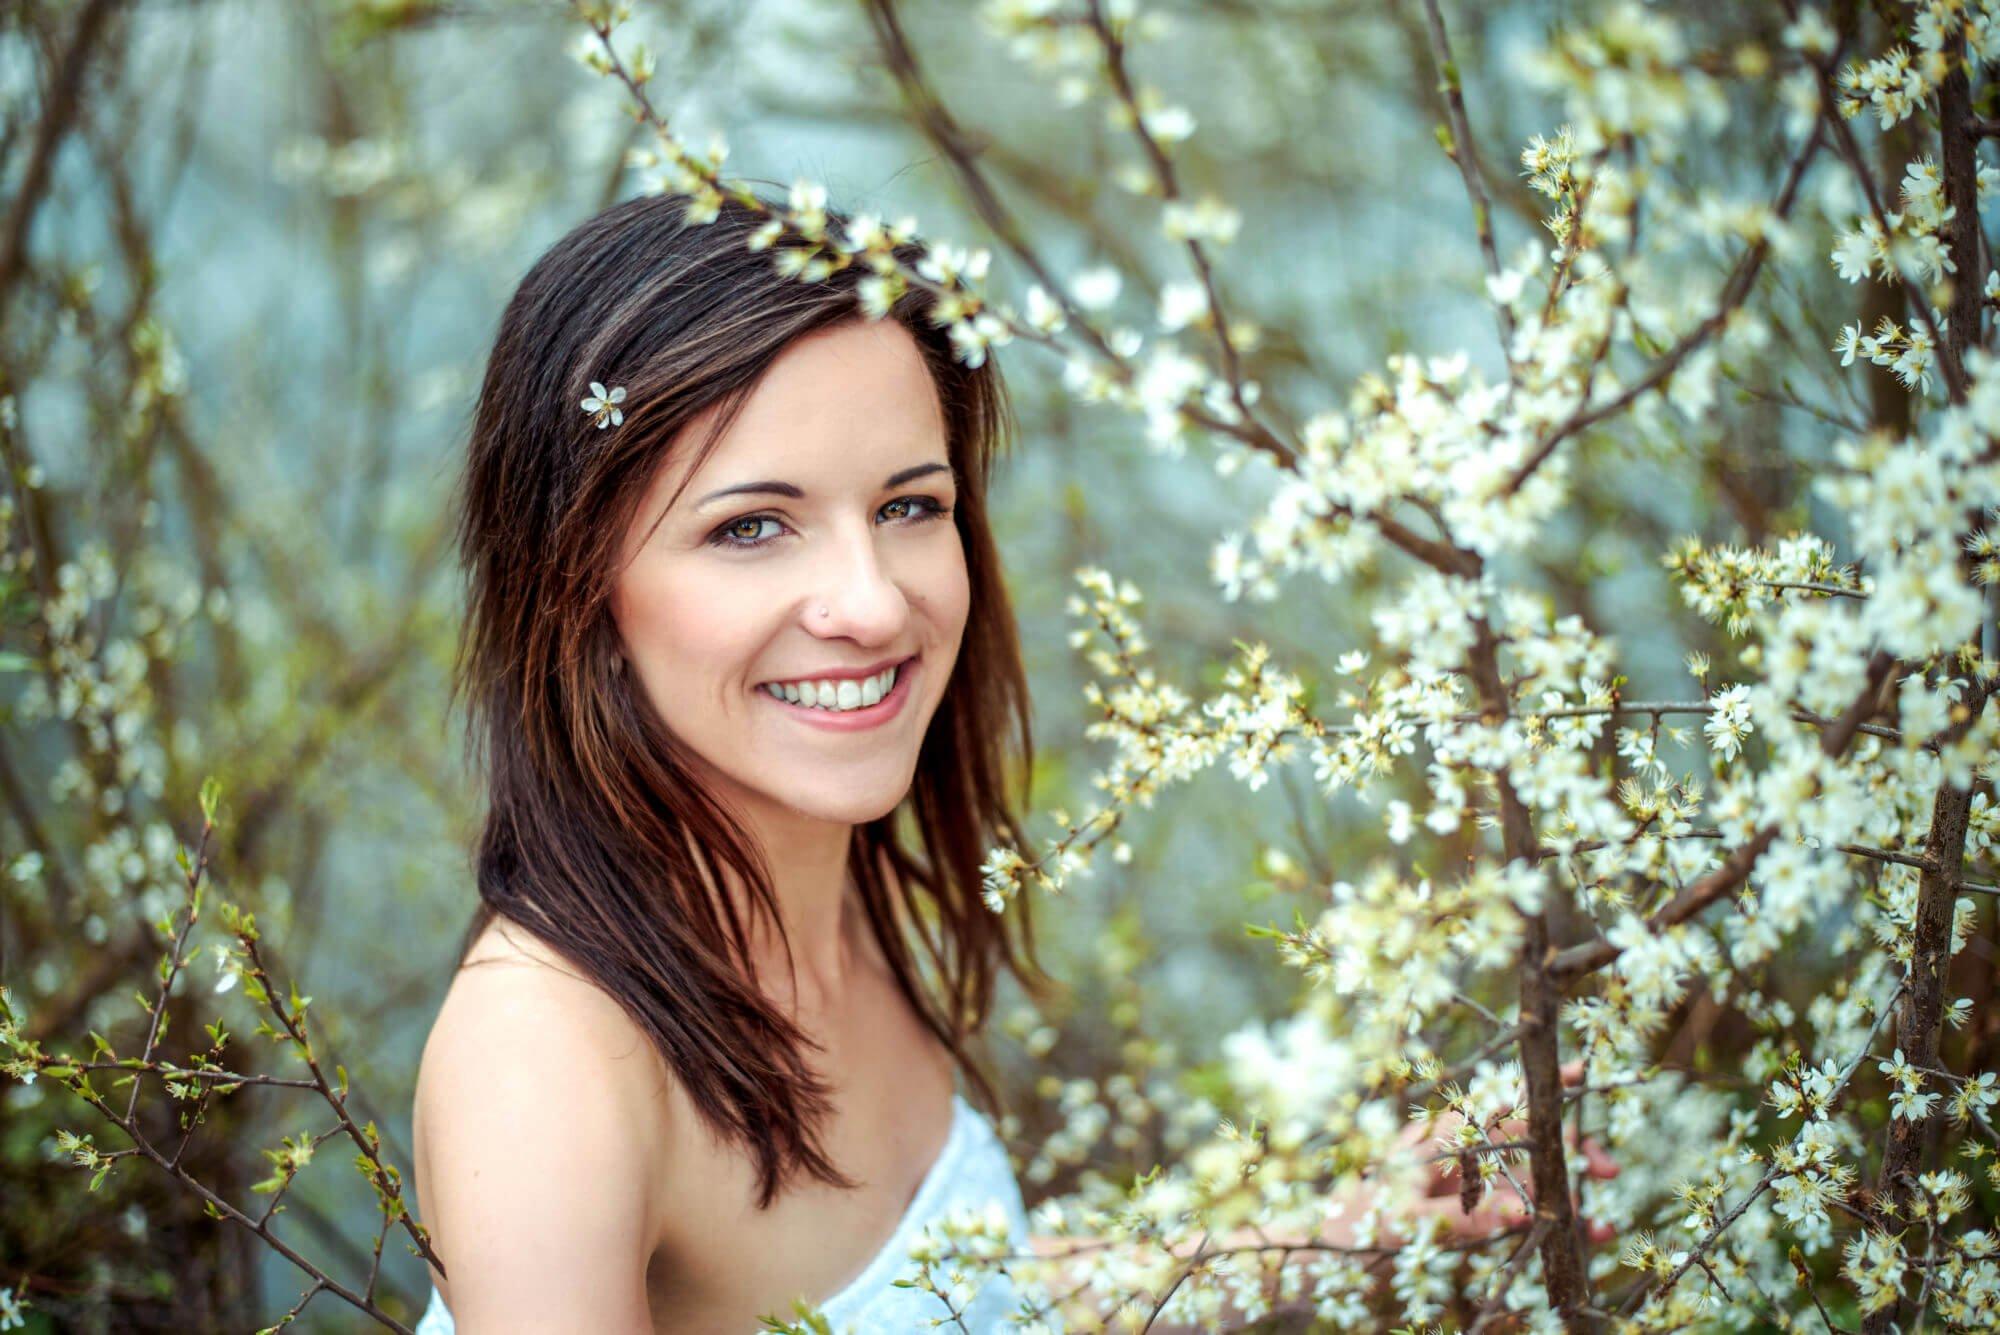 Aneta Štěpánková profilová fotografie